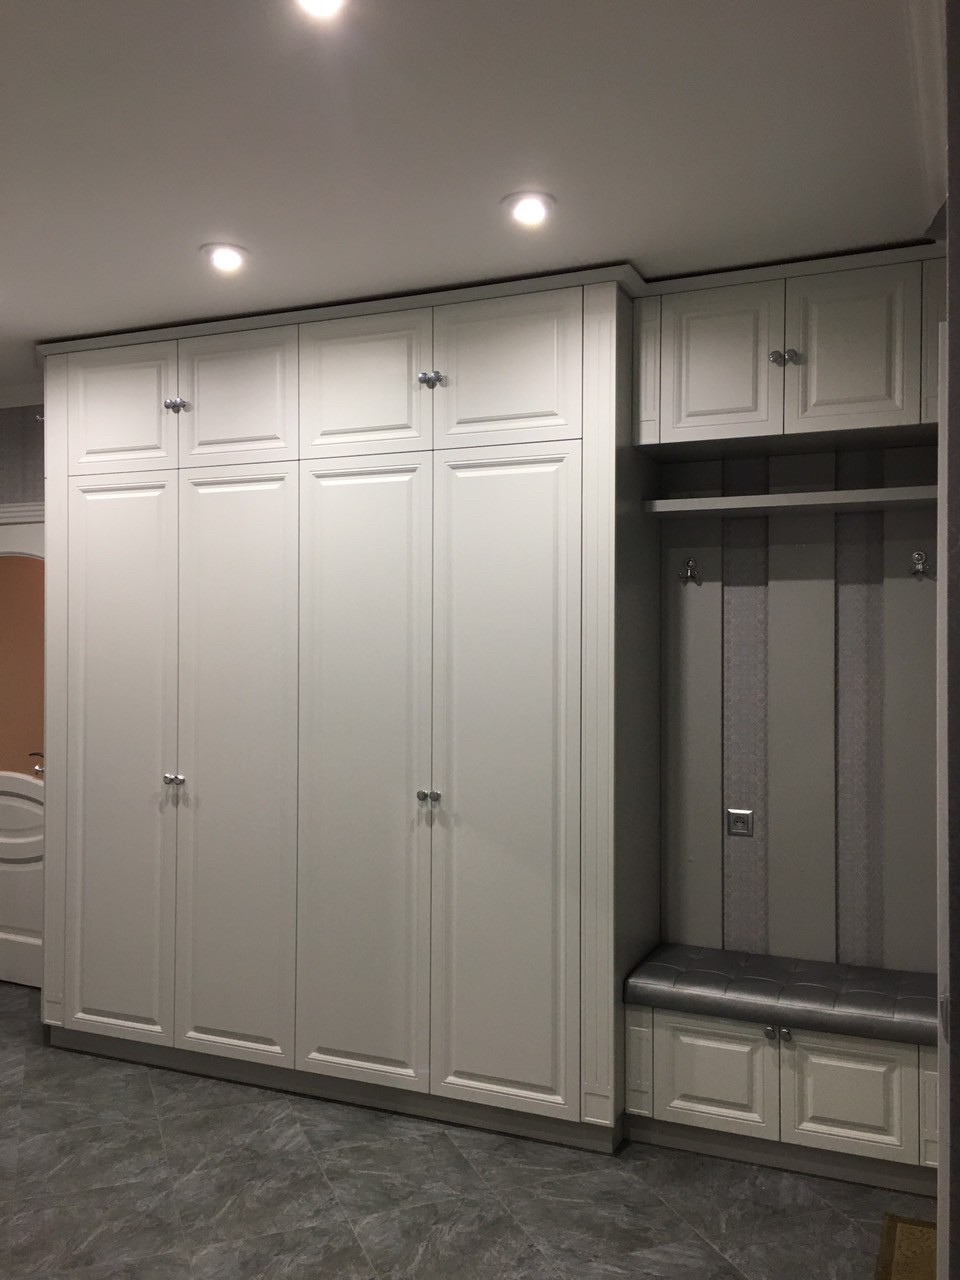 Шкаф в коридор белый матовый фасад с фрезеровкой